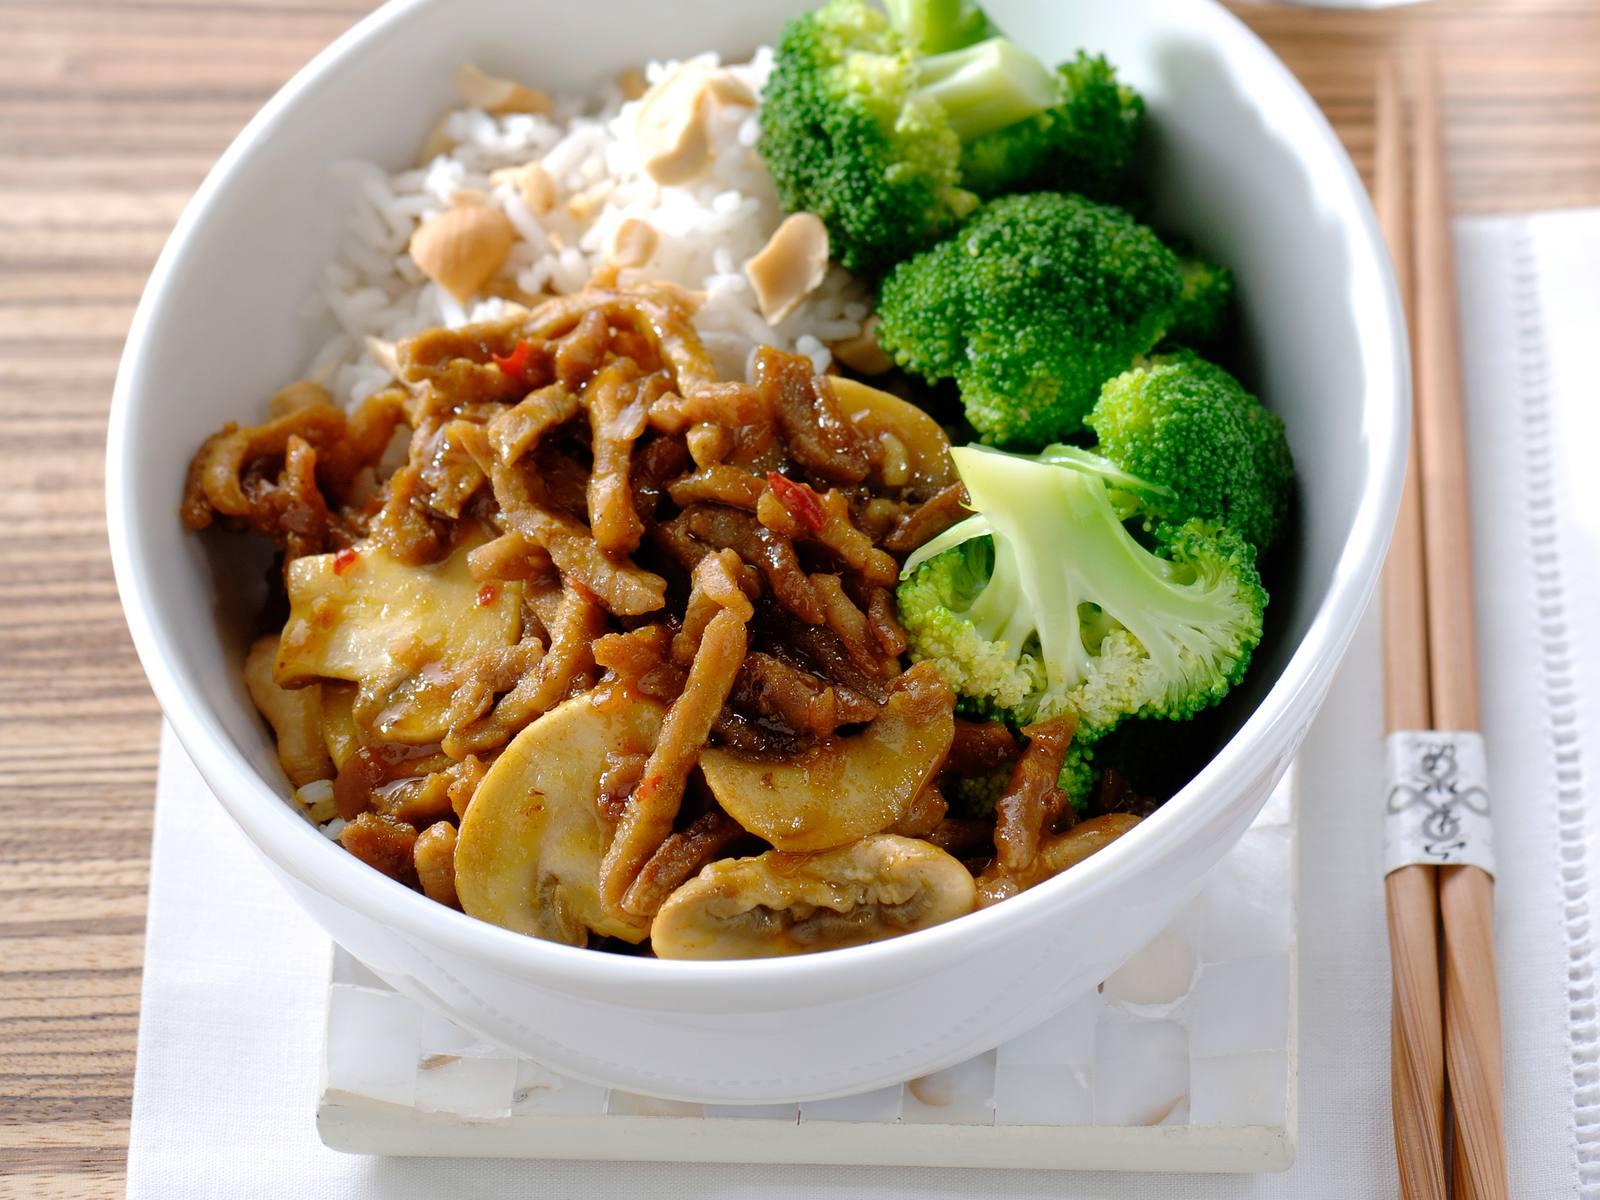 Rendang vlees met champignons, broccoli en rijst met cashewnoten